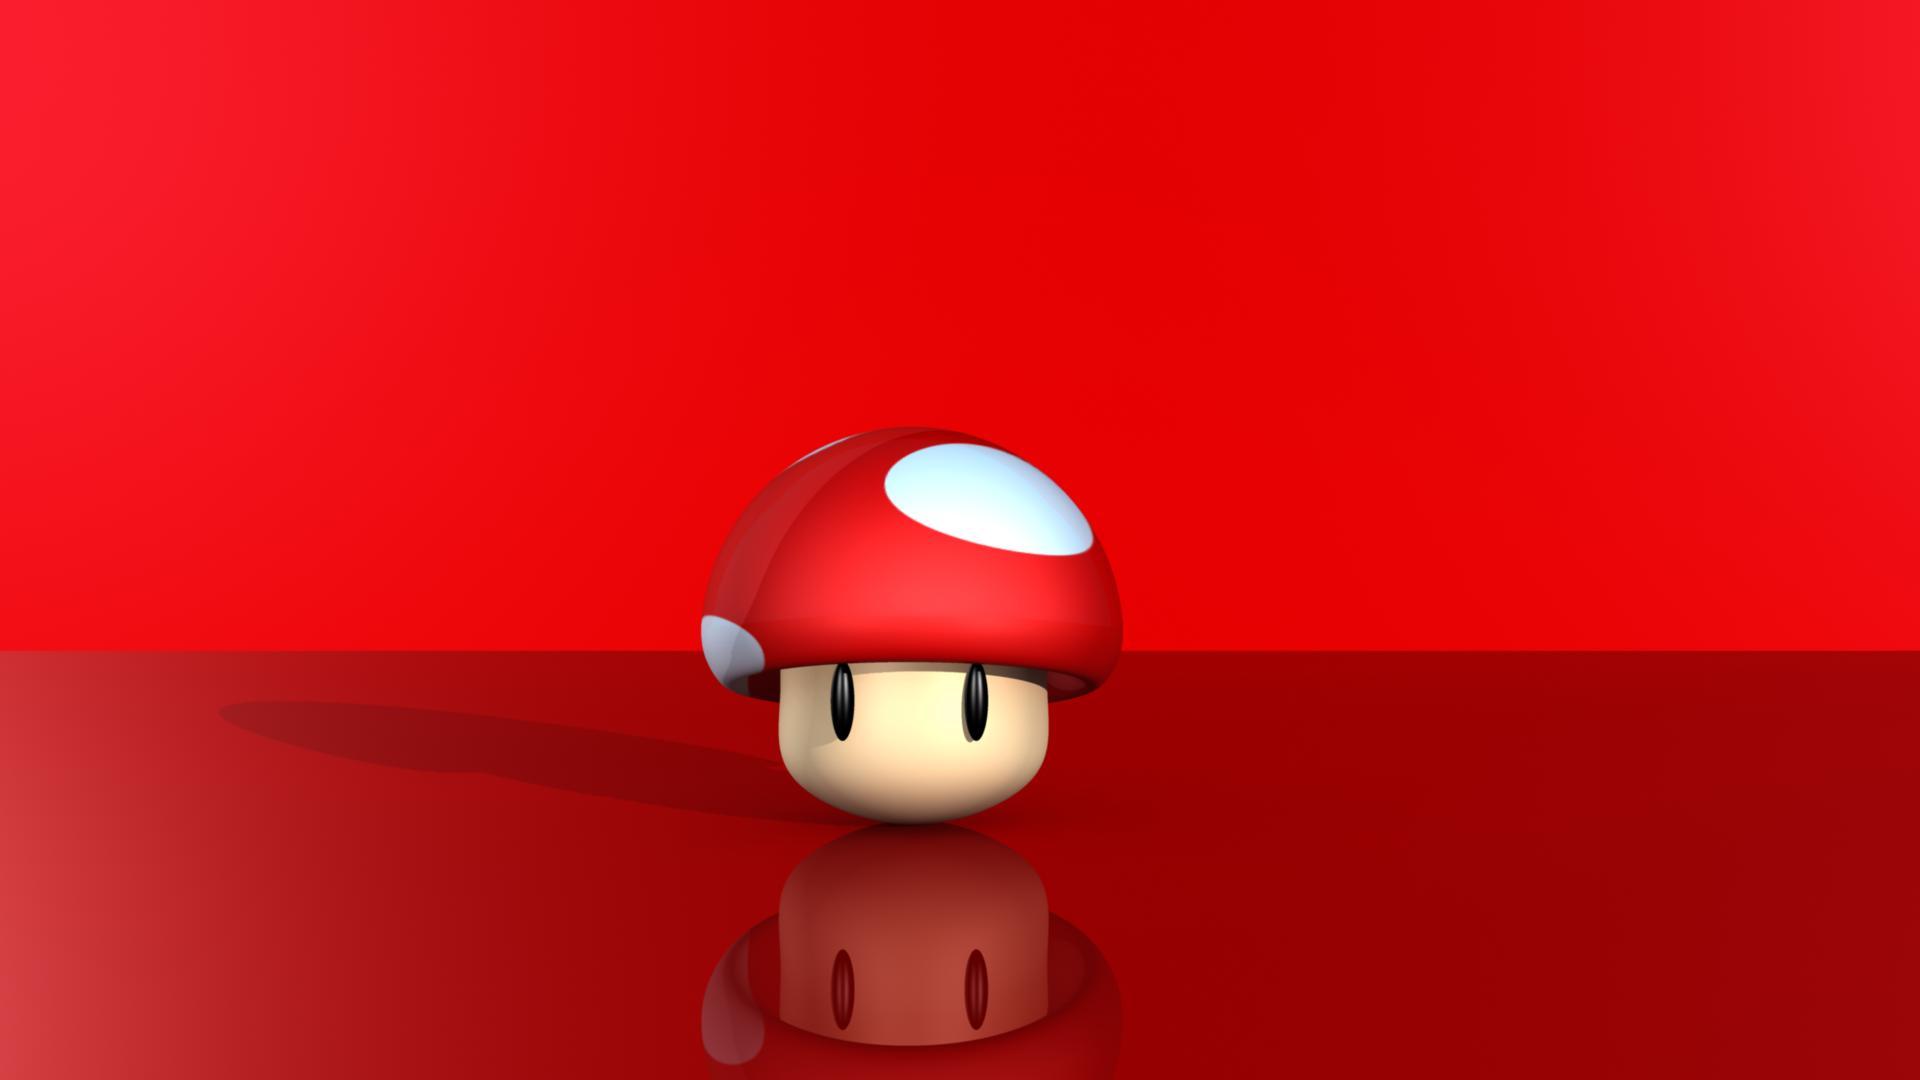 red mario mushroom wallpaper 41955